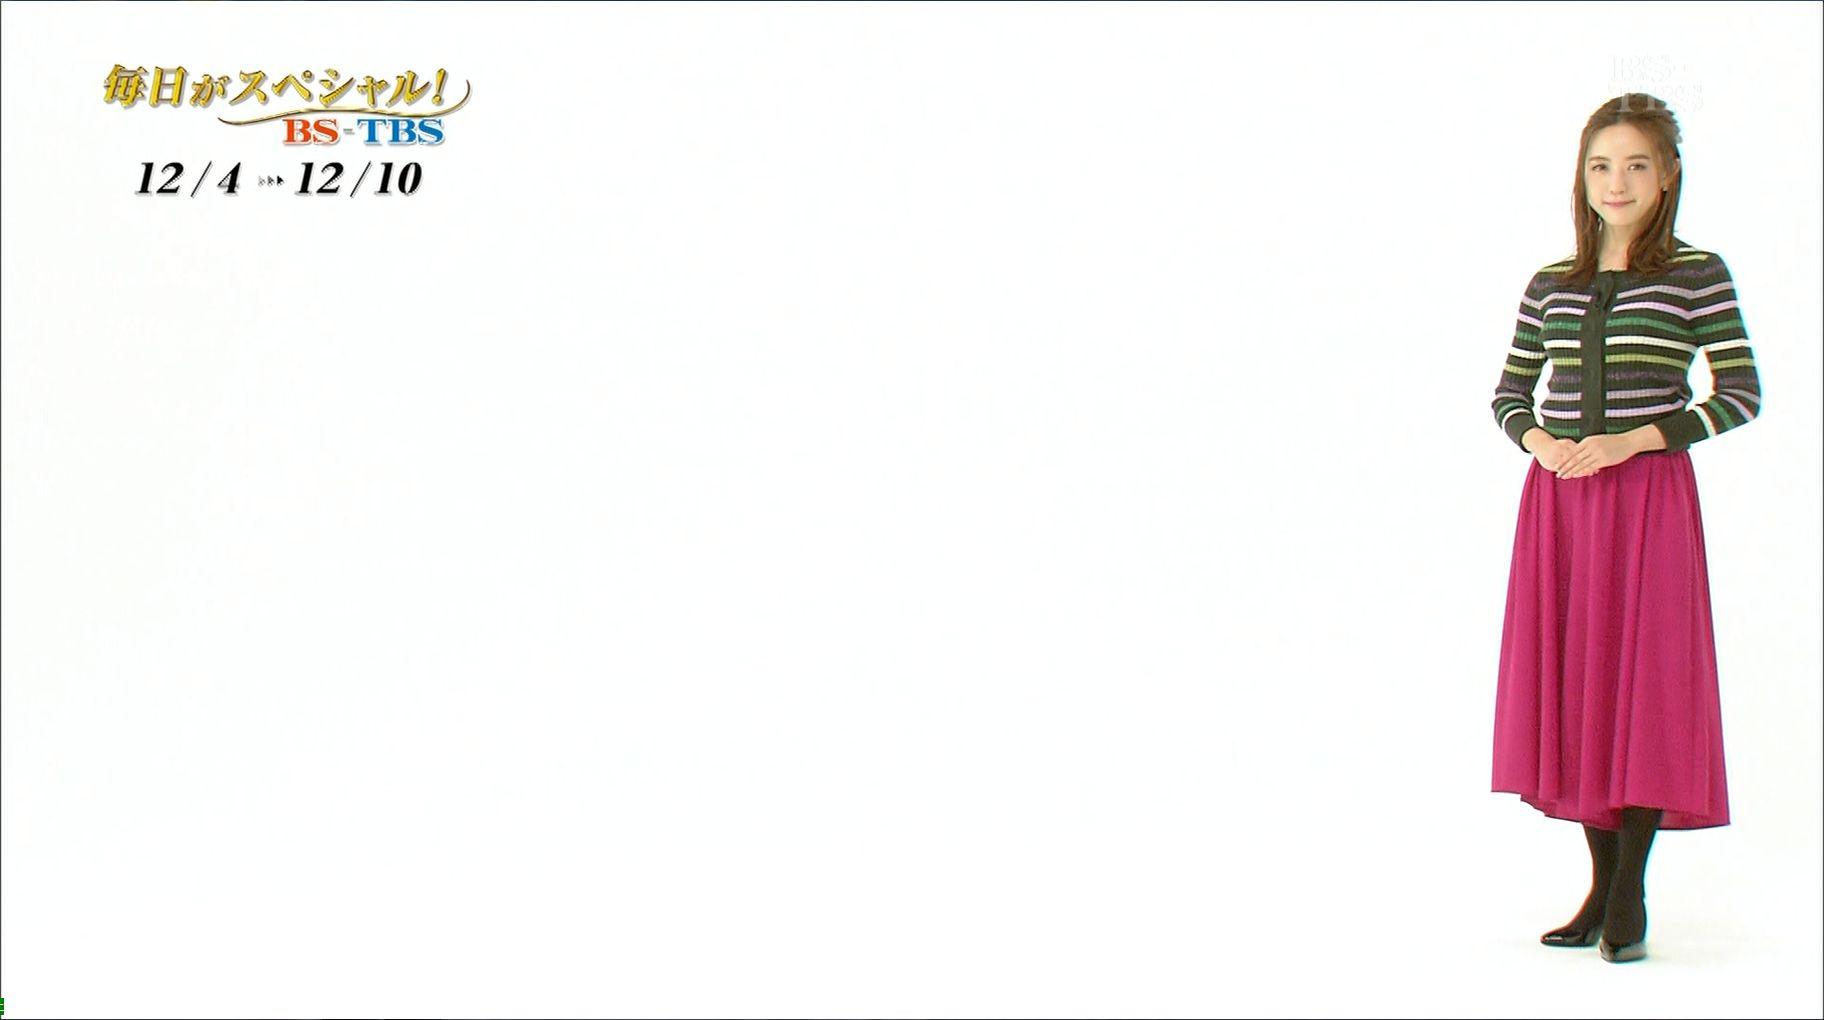 【芸能人】黒タイツ・パンストに萌え 58足目【女子アナ】 [無断転載禁止]©bbspink.comYouTube動画>12本 dailymotion>2本 ->画像>949枚